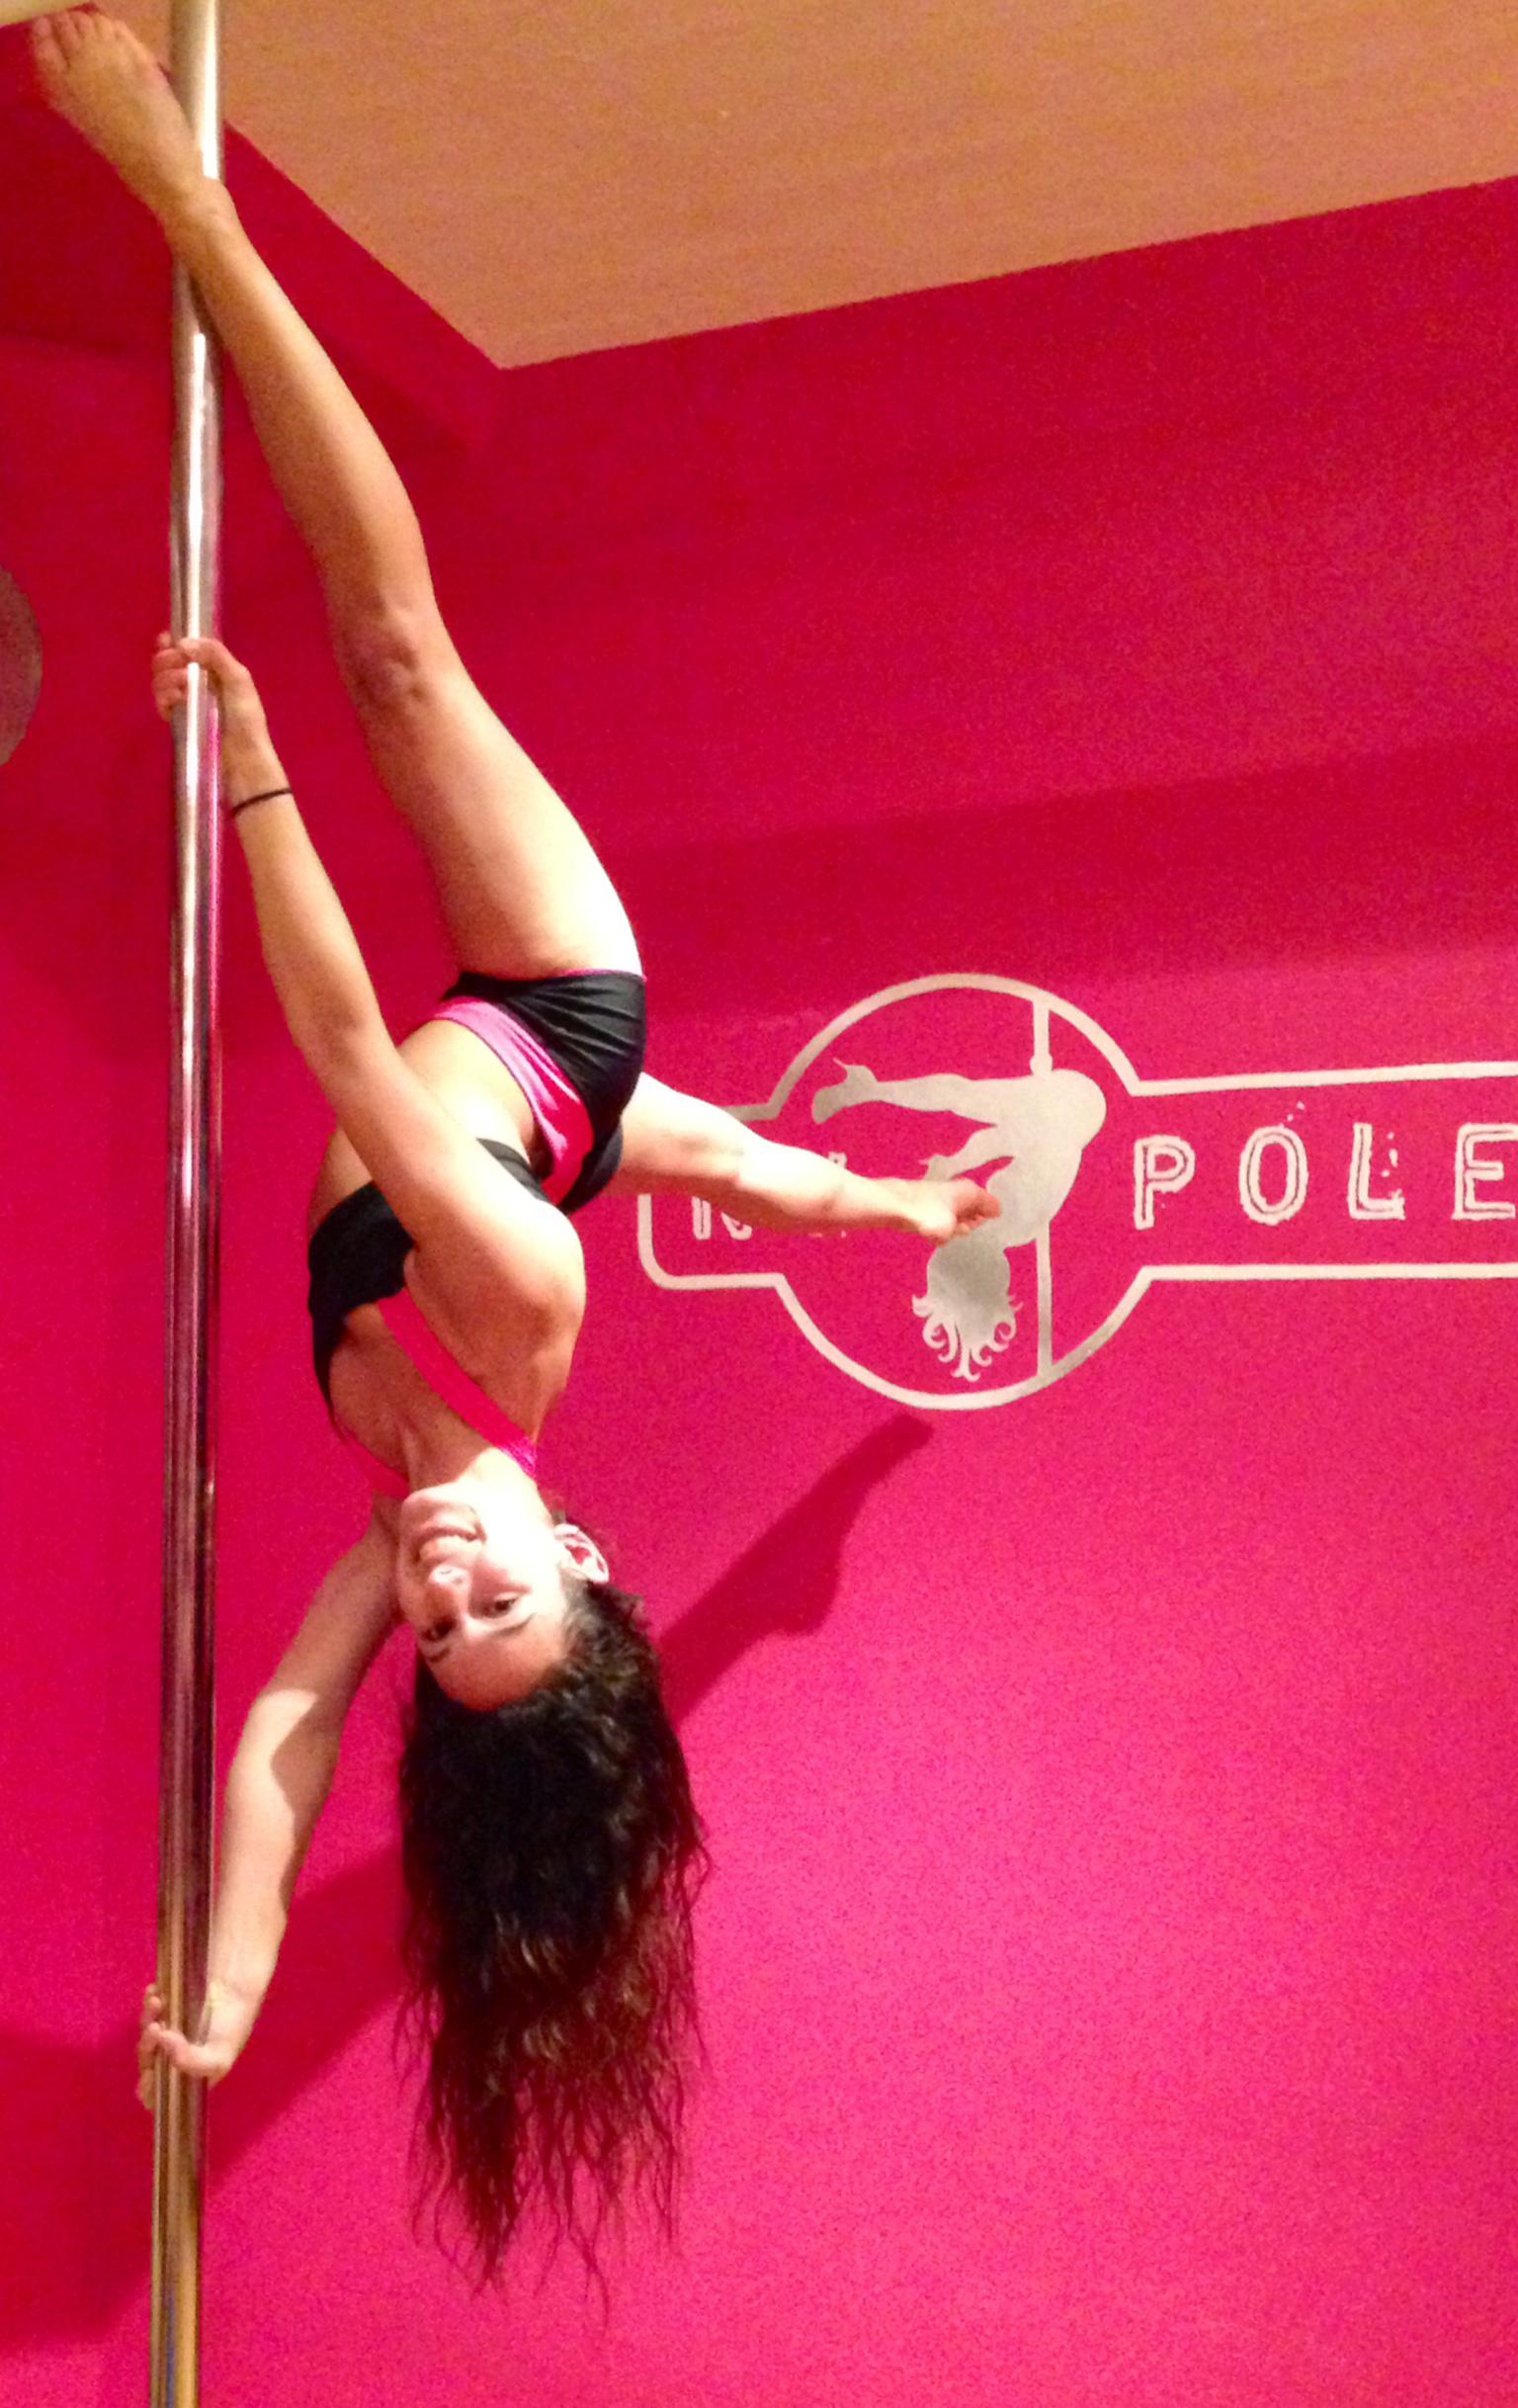 Pole dancing: Danielle Amico